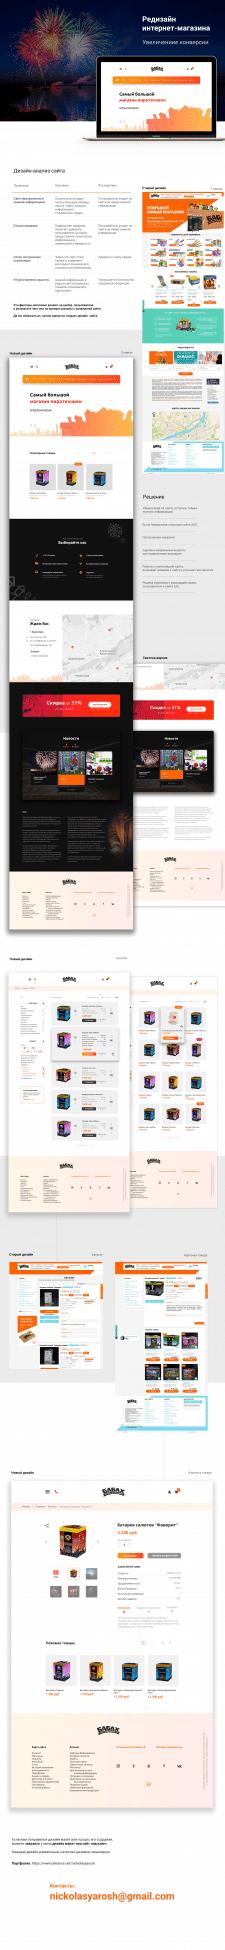 Редизайн интернет-магазина. Анализ сайта.